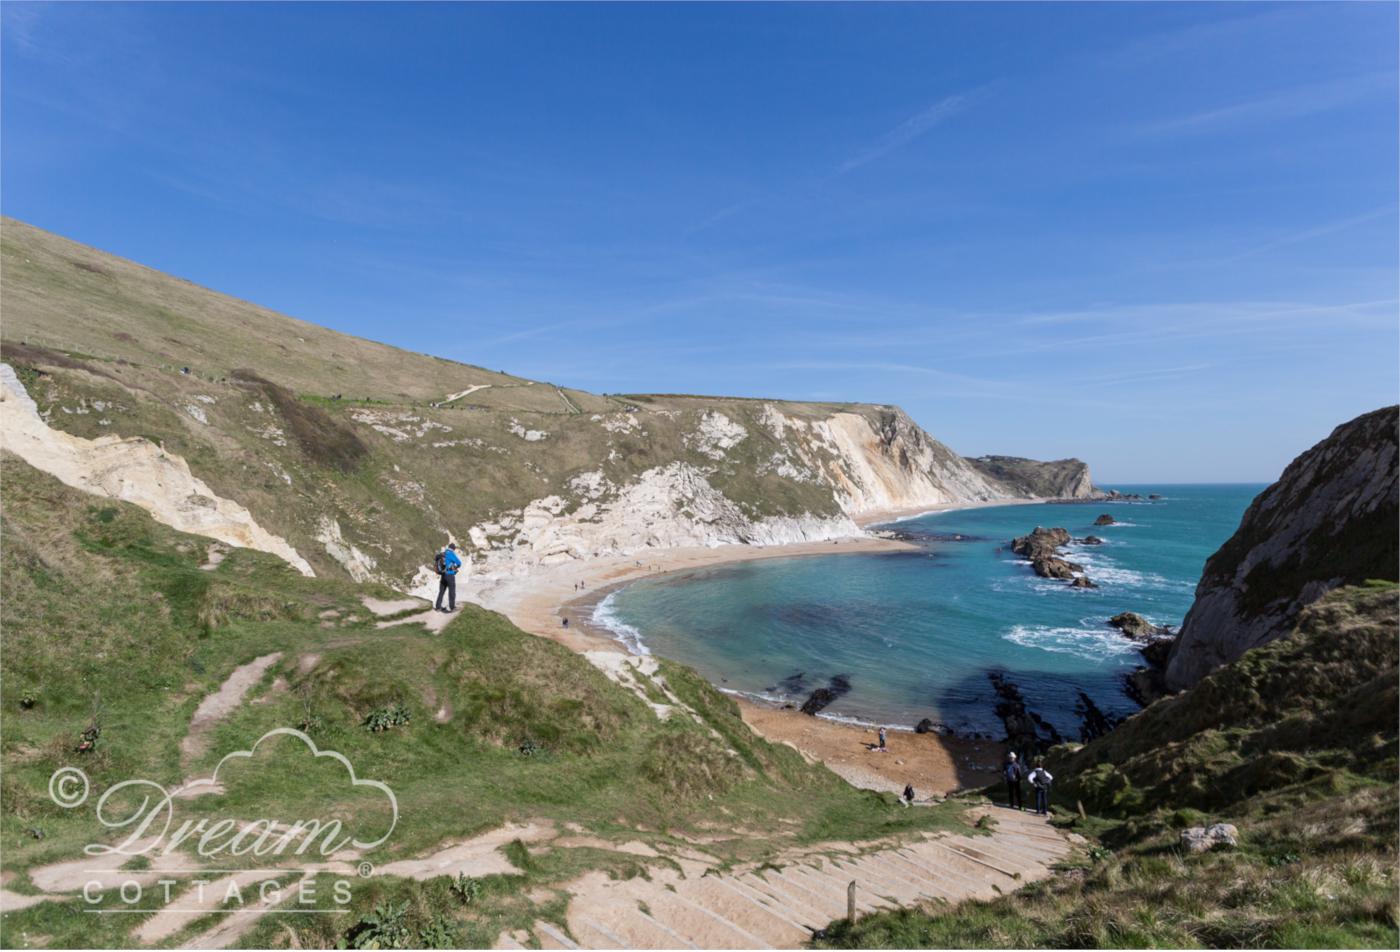 View to Man O War Bay